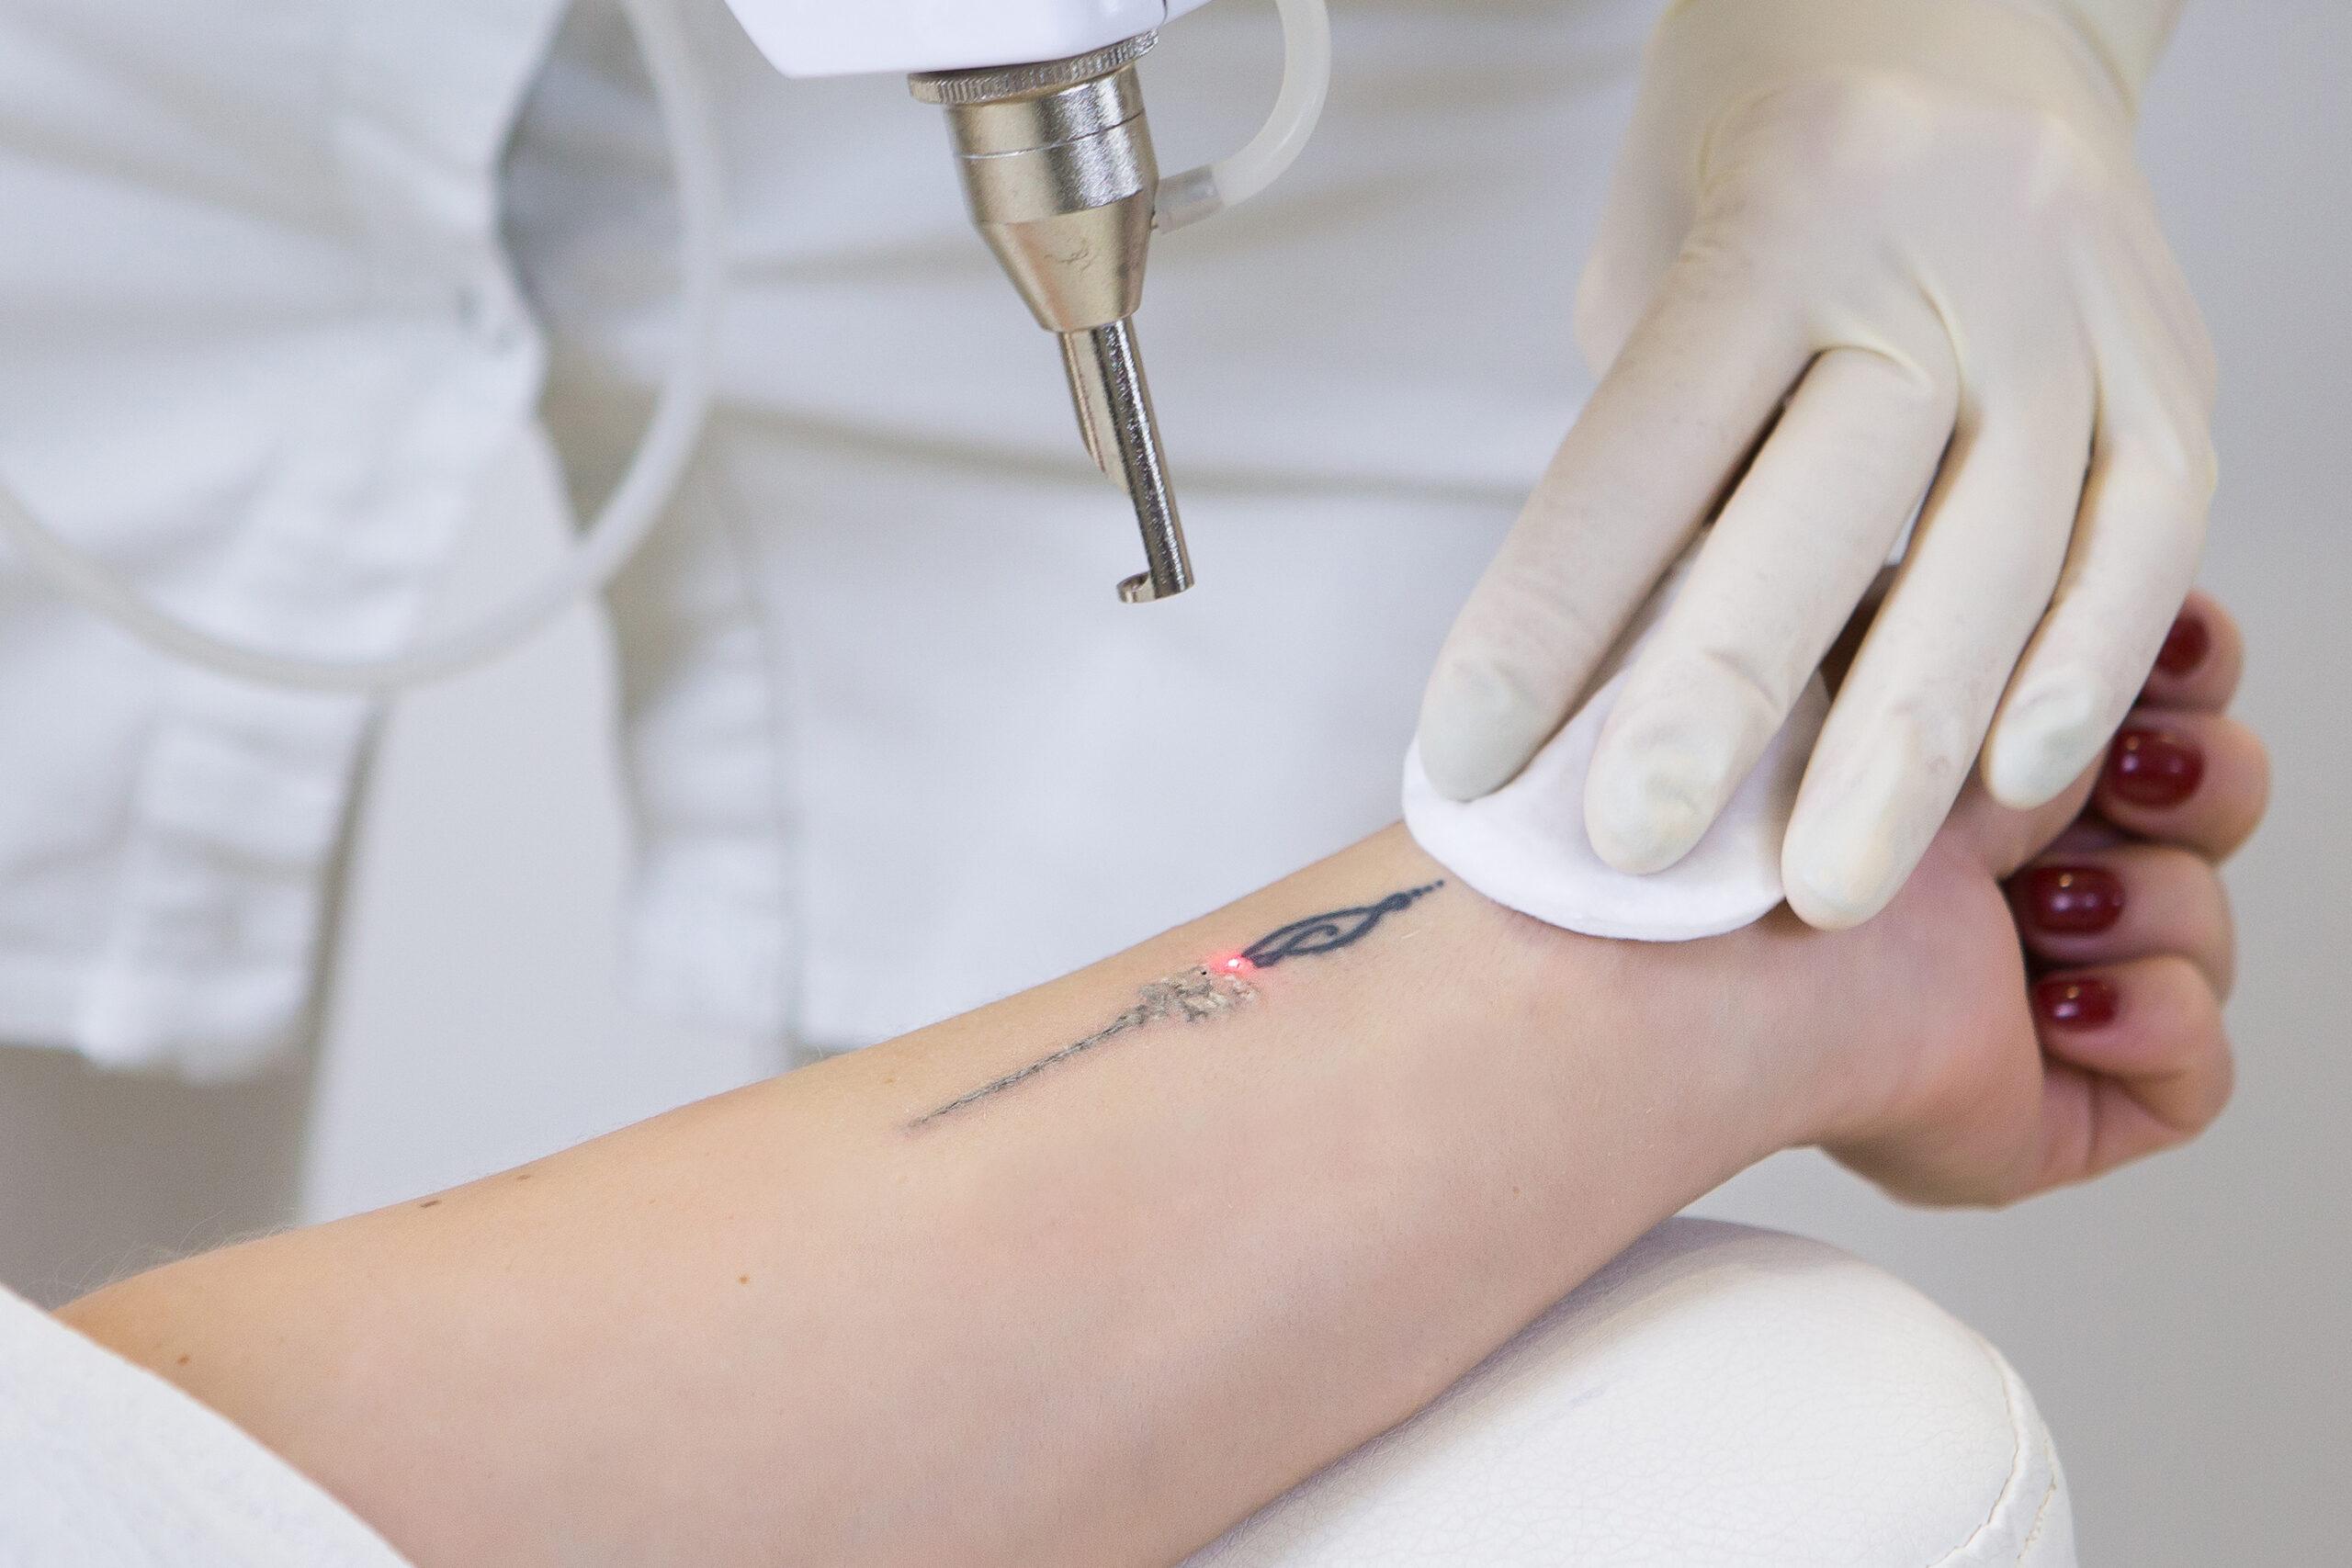 Tattoofjerning+goderesultater+laserbehandling